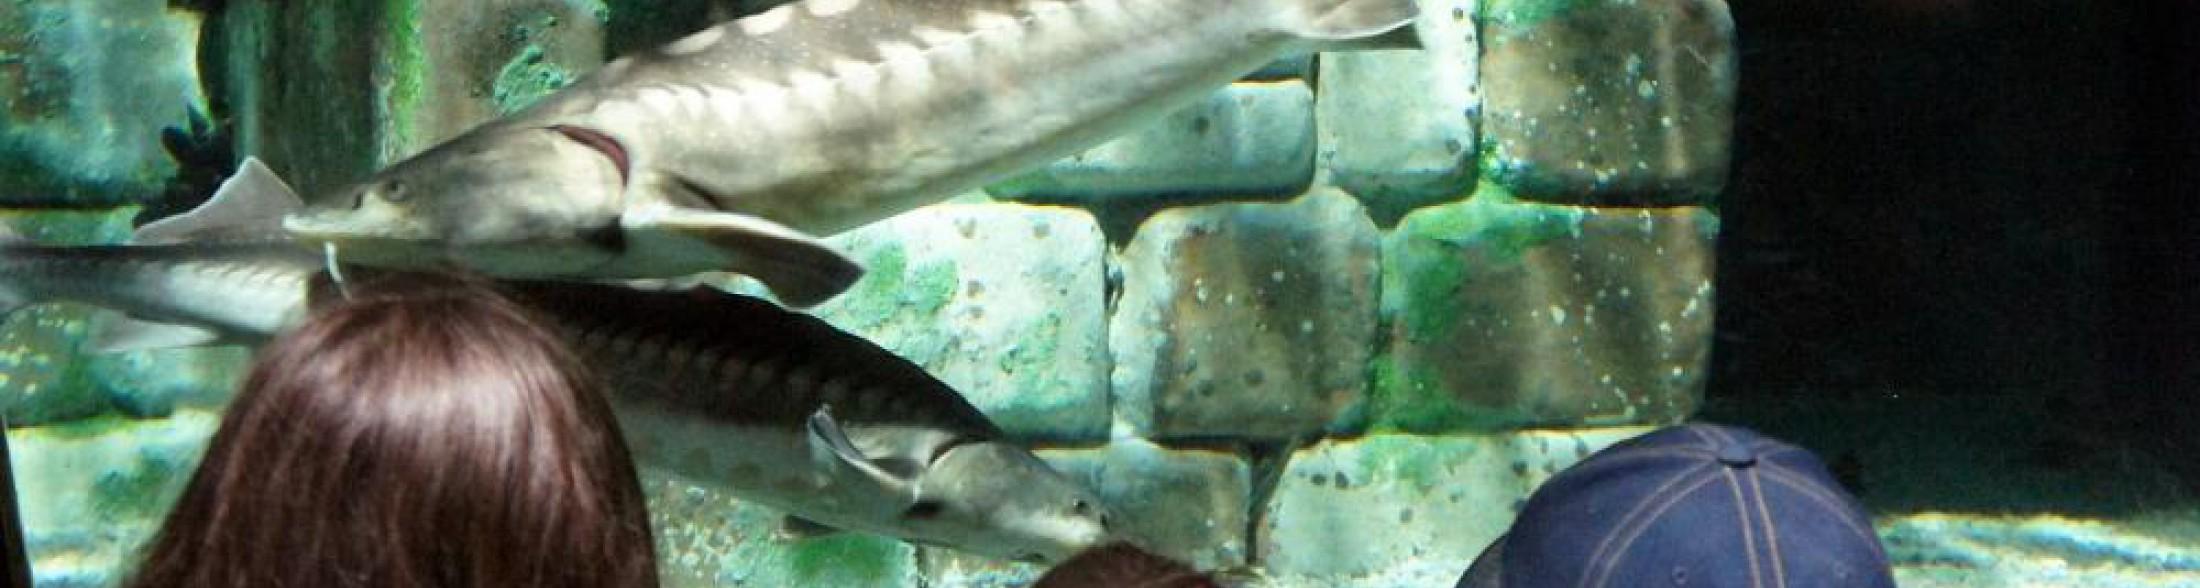 Storioni e anguille tornano a ripopolare l'area sud del Delta del Po